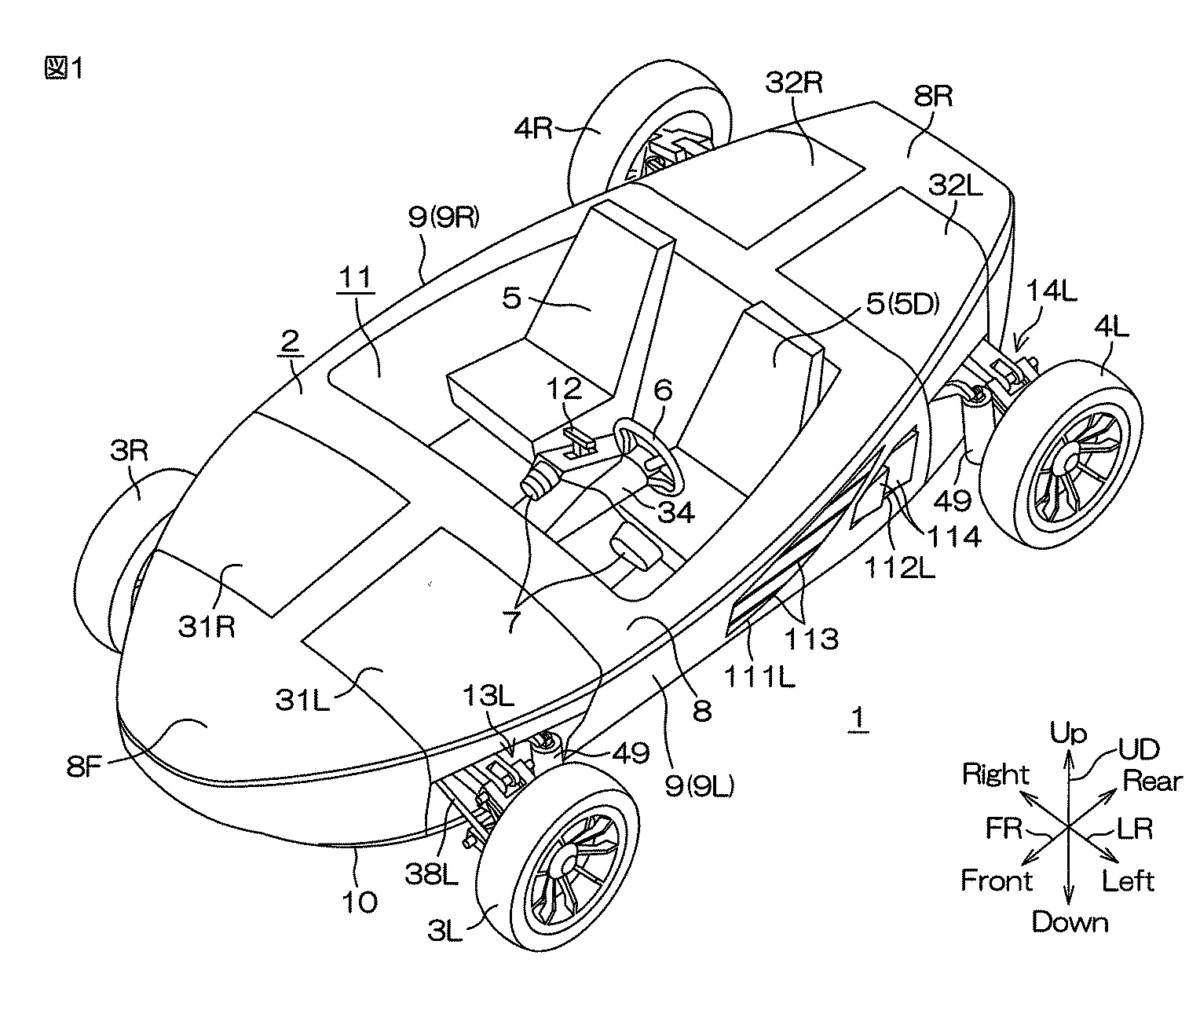 Yamaha запатентовала автомобиль-амфибию